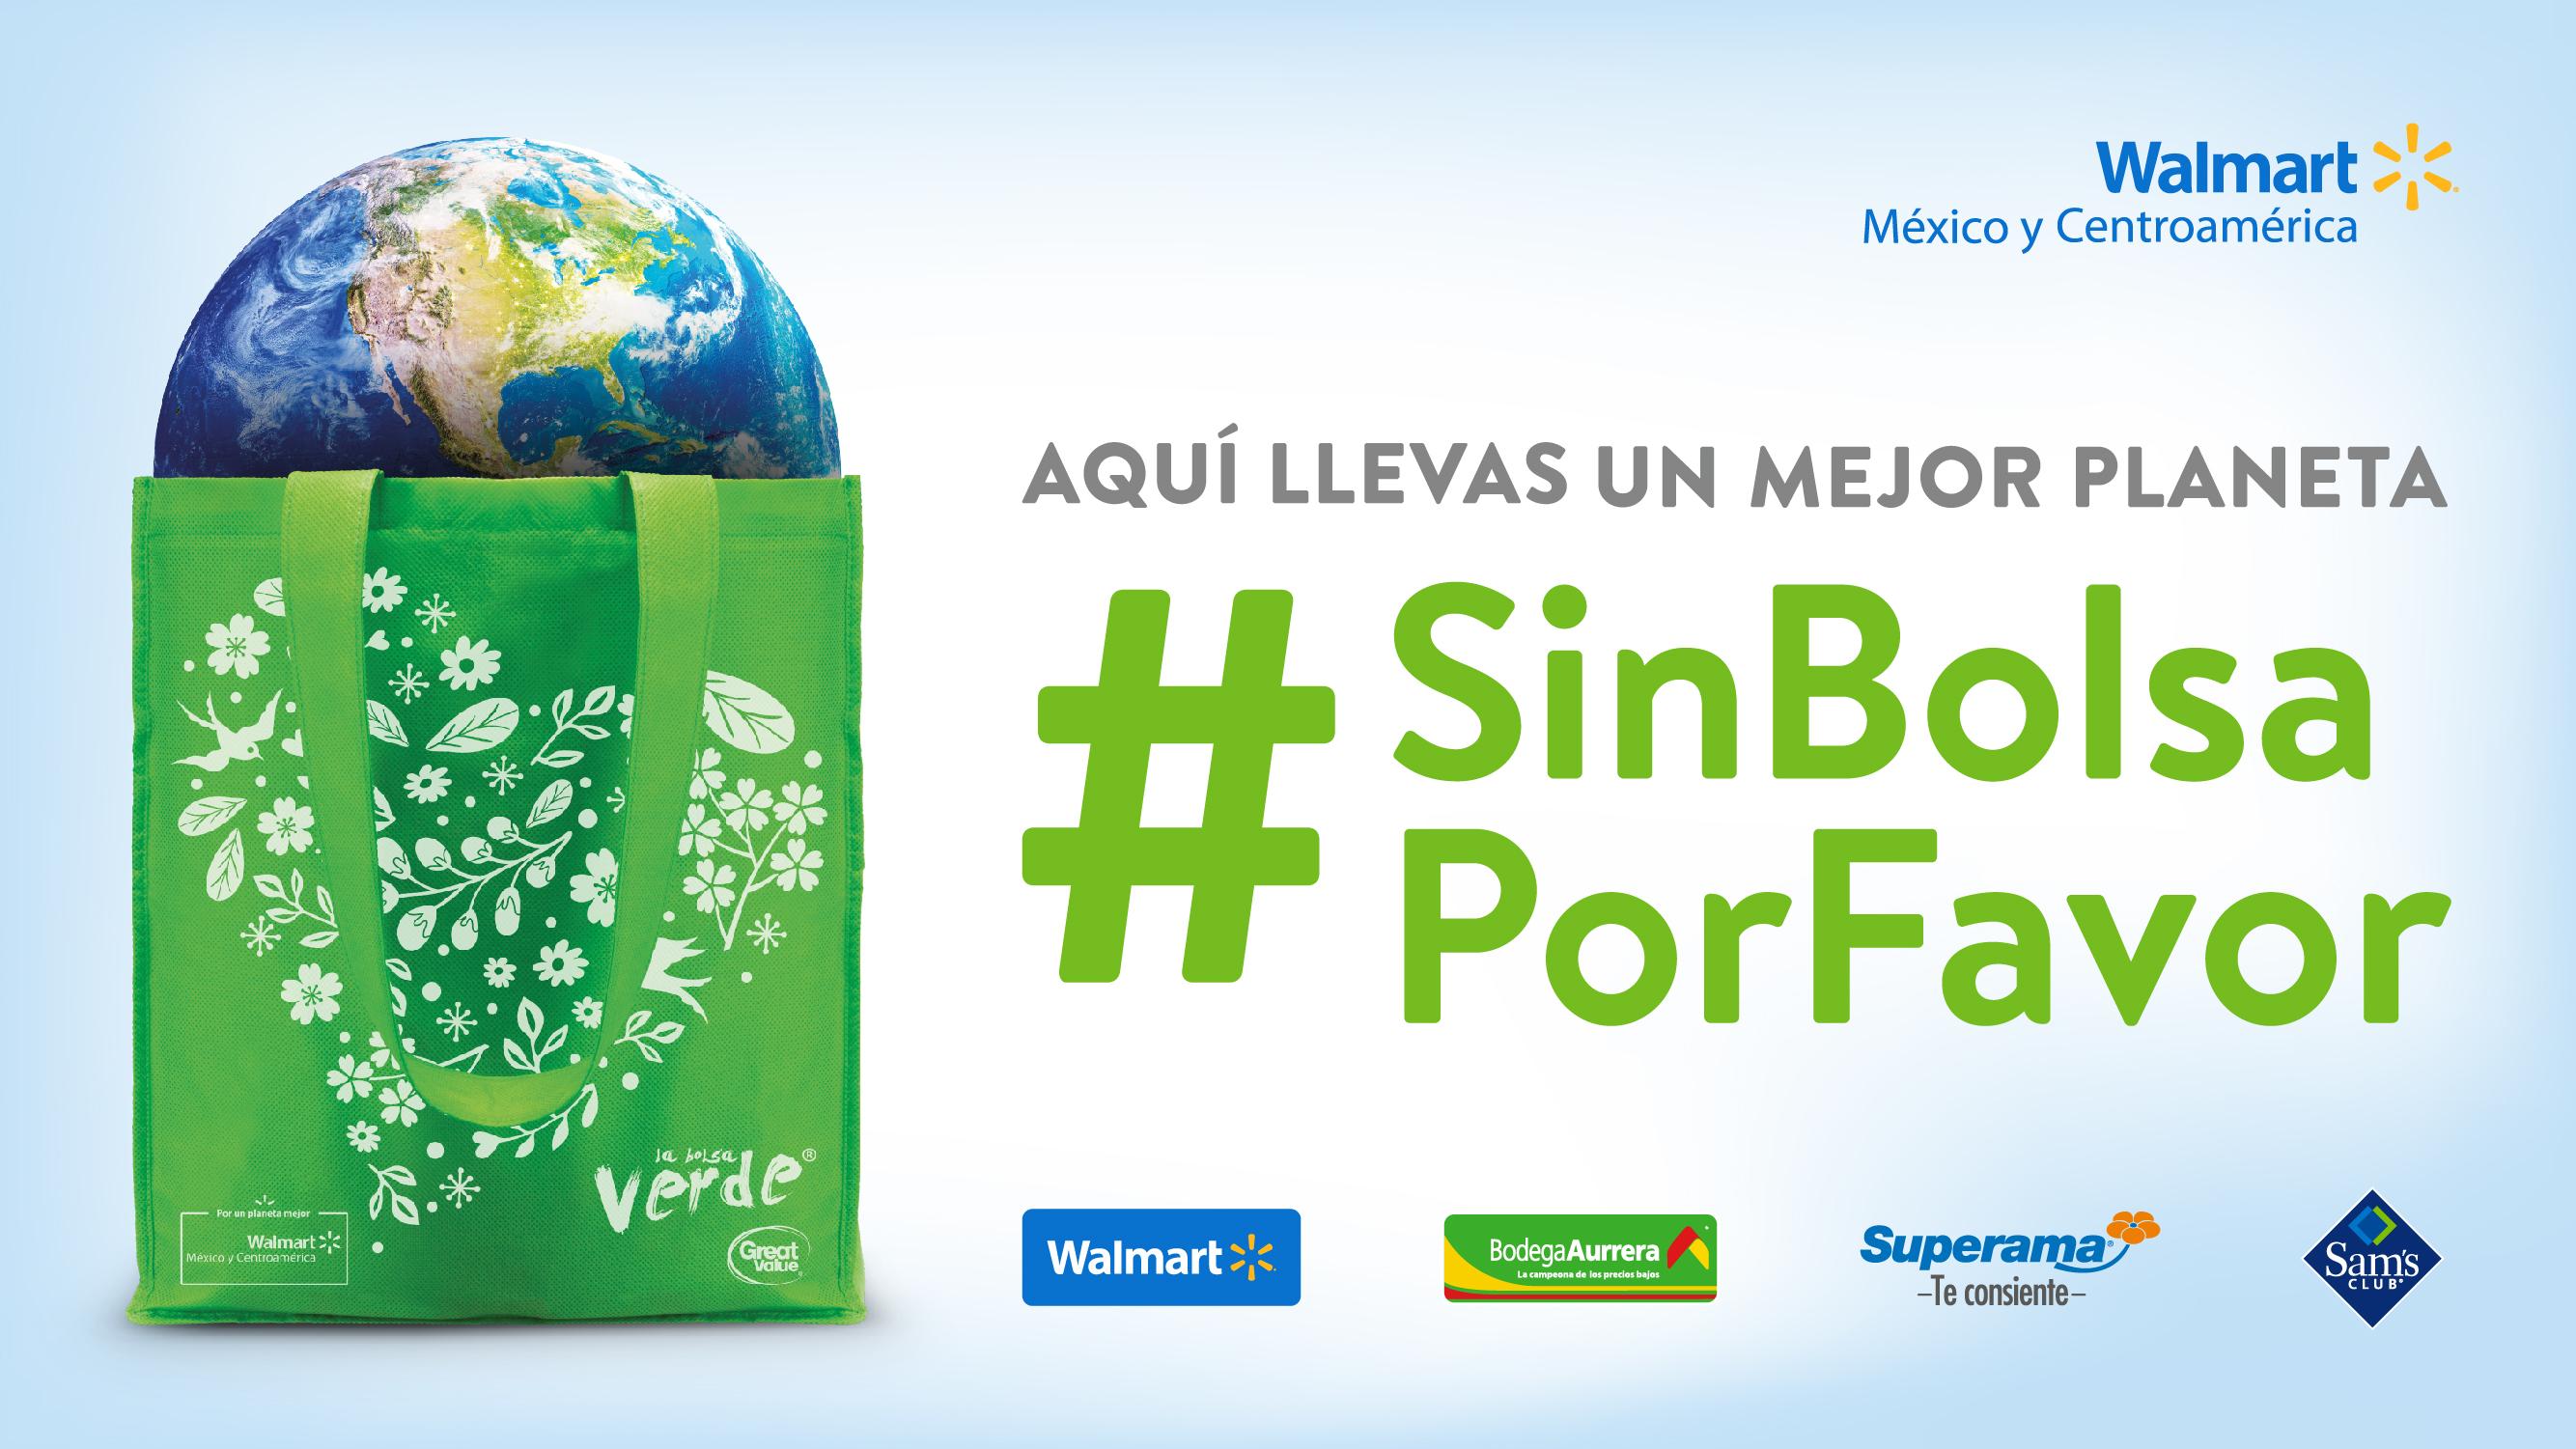 La próxima vez que realices tus compras pide #SinBolsaPorFavor